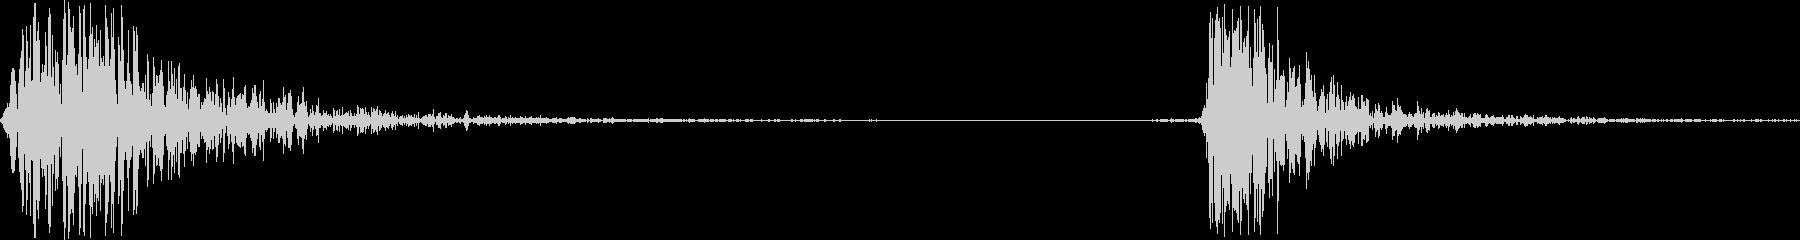 カチッ(マウスのクリック音)の未再生の波形